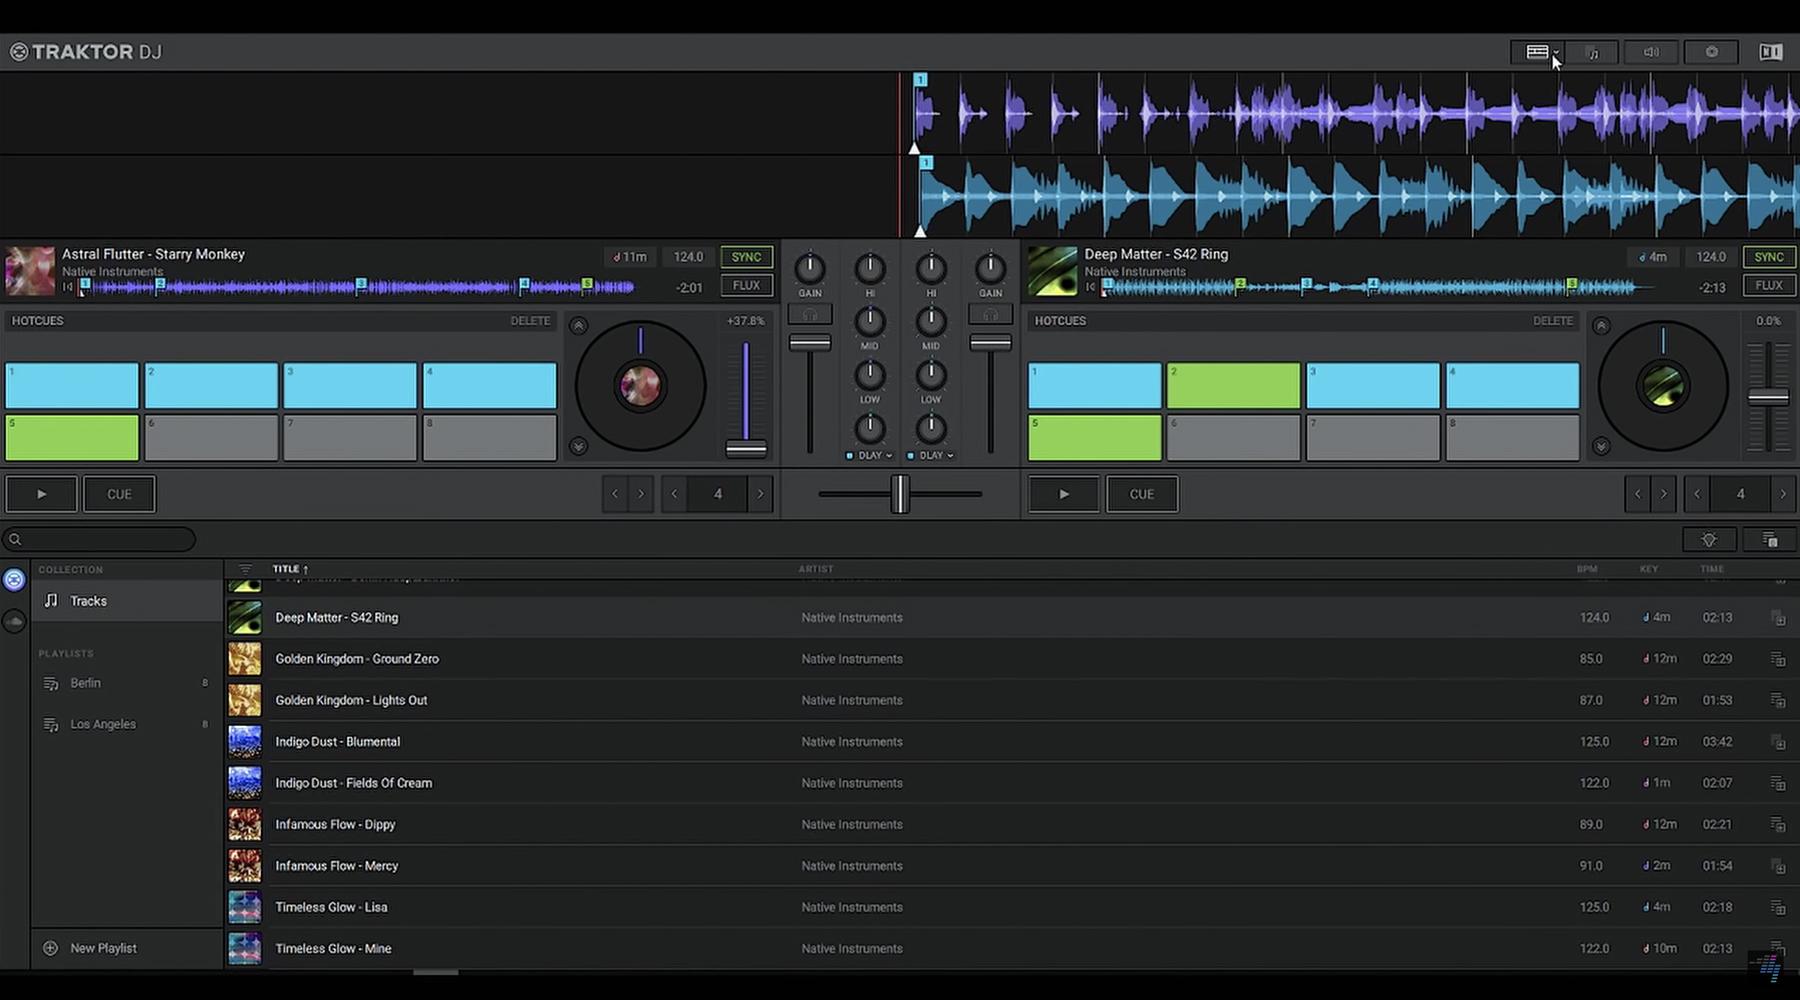 Traktor DJ 2 App for iPad, Mac & Windows Review - Digital DJ